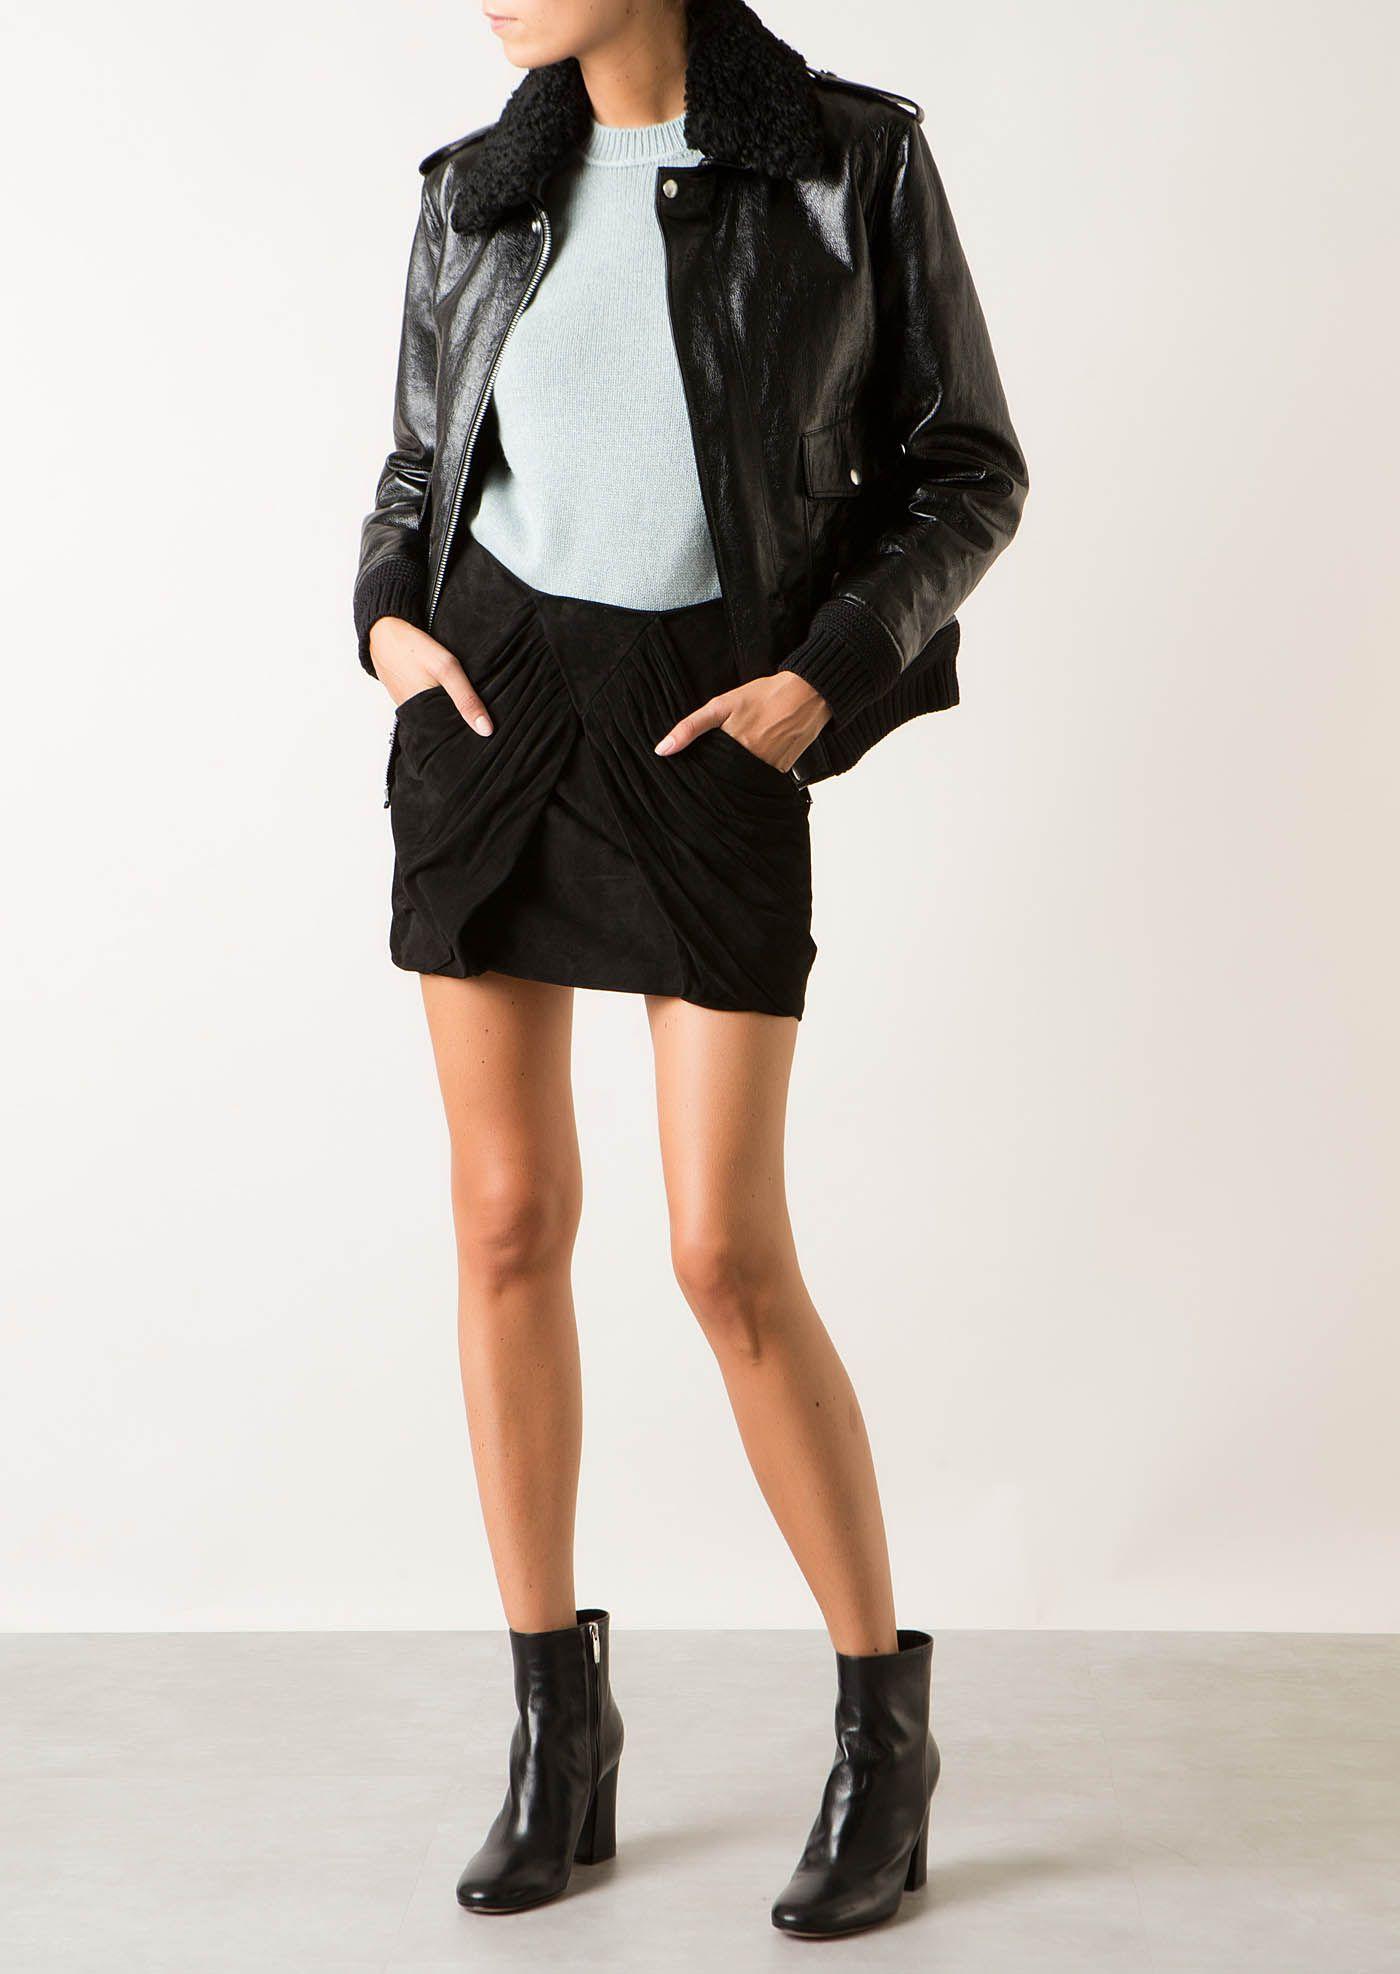 Saint Laurent Saint Laurent Black Cracked Shiny Leather Jacket Saintlaurent Cloth Leather Jacket Clothes Saint Laurent [ 1974 x 1400 Pixel ]